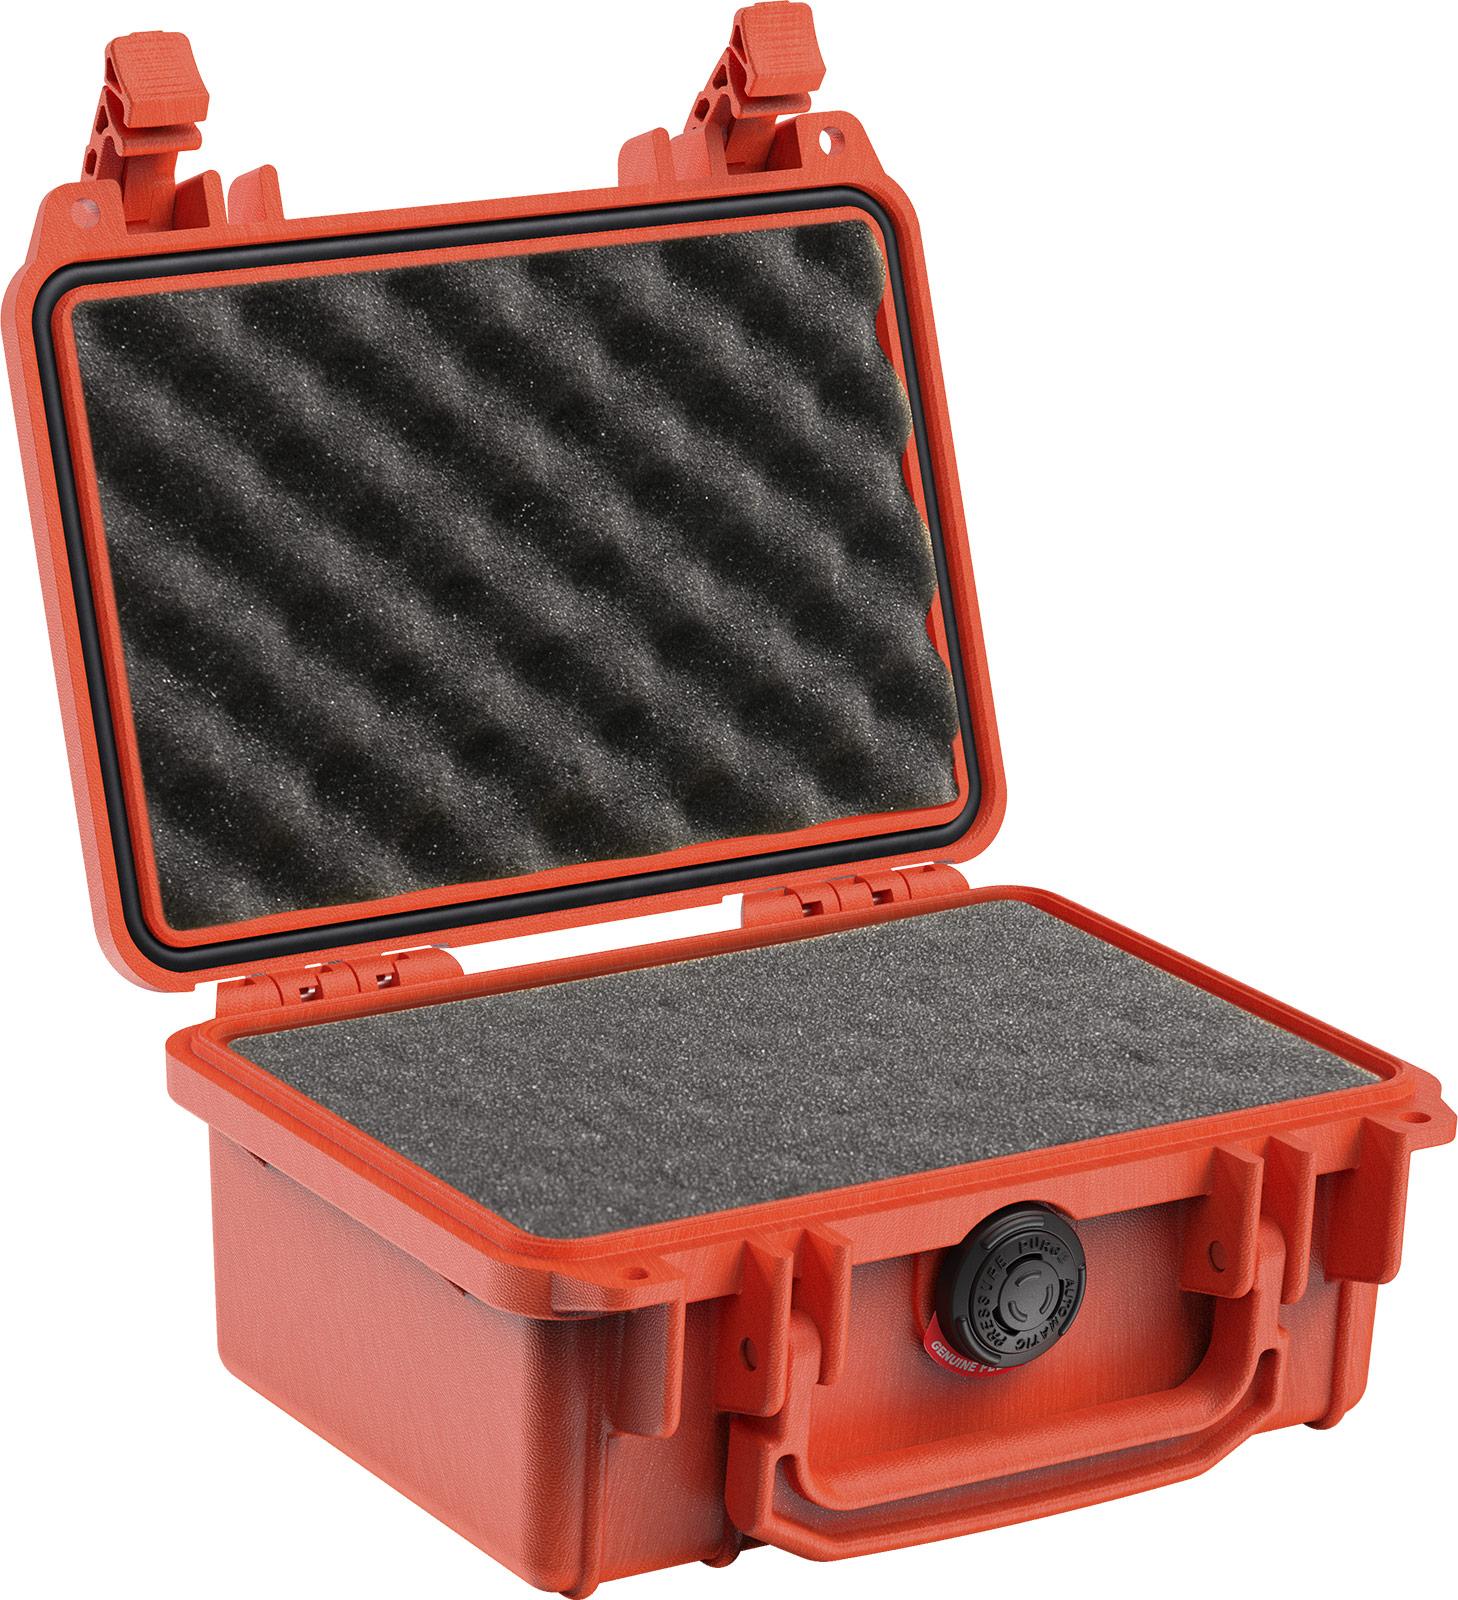 pelican 1120 orange foam gun case